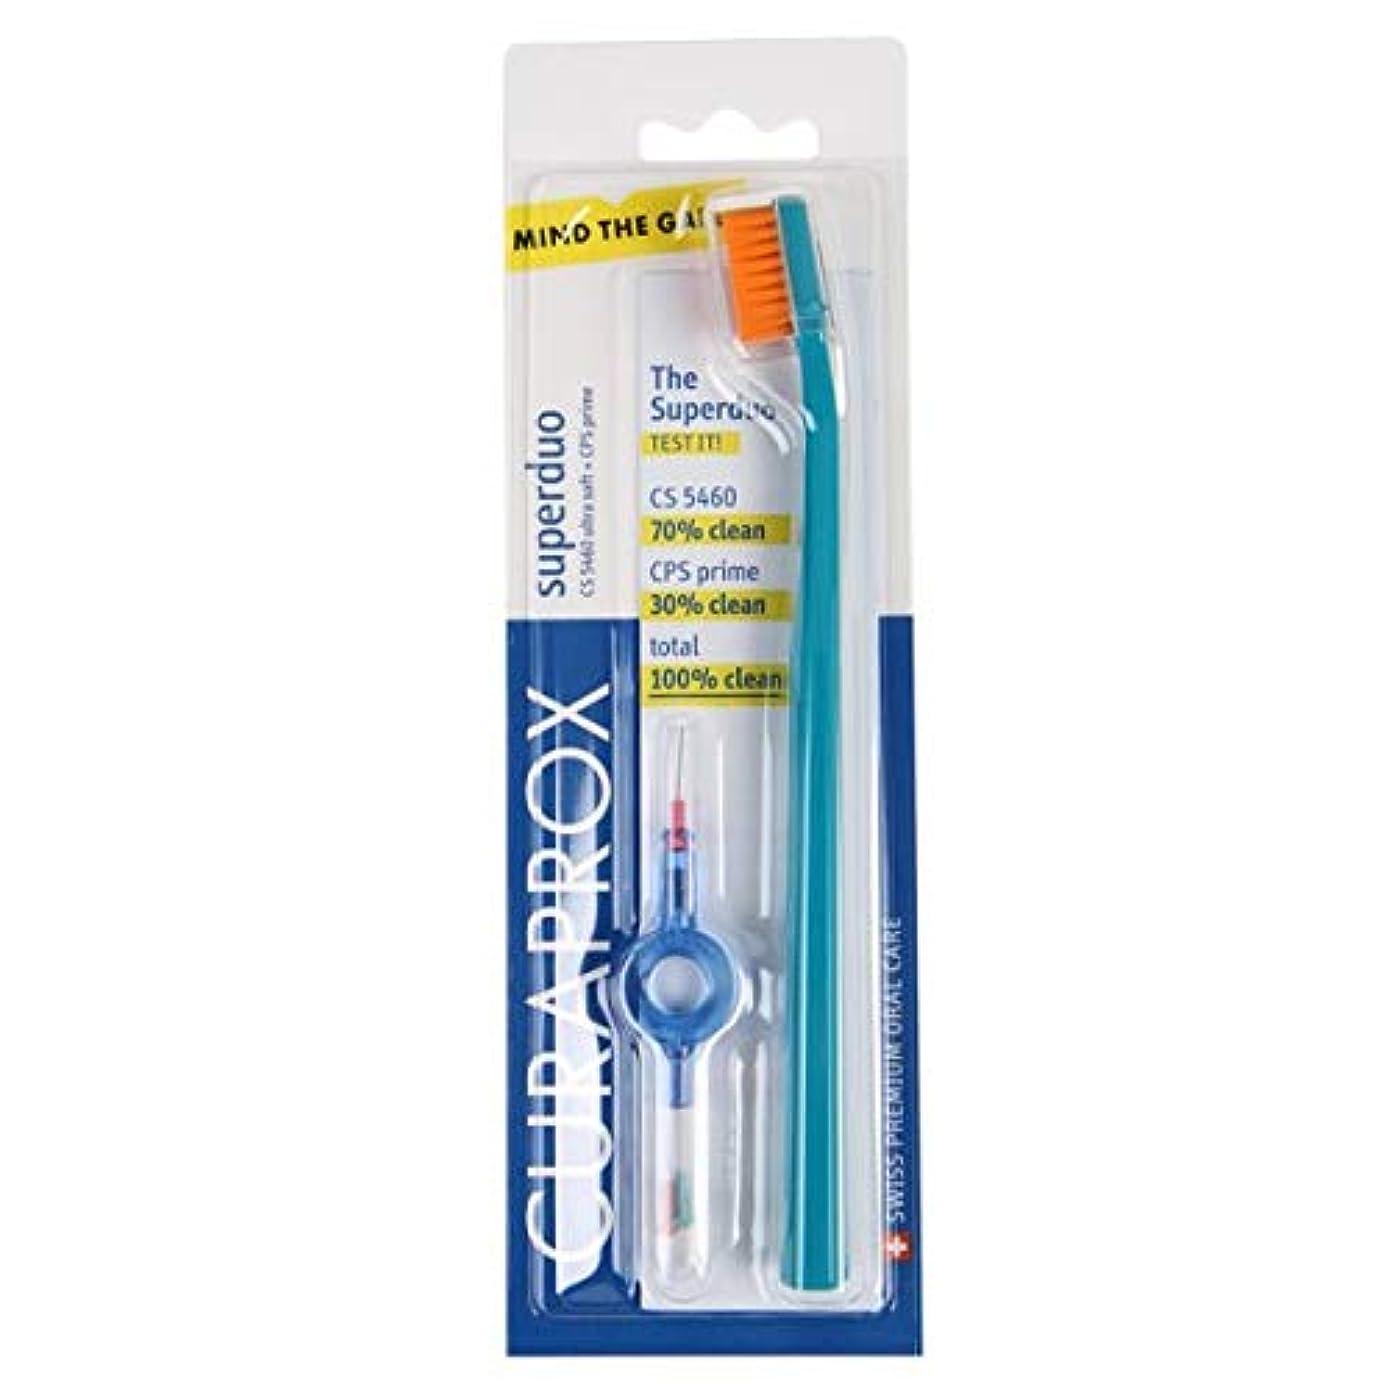 フィヨルド美人期待するクラプロックス 歯ブラシ+歯間ブラシ セット CS 5460 + CPS 06/07/08, UHS 409 holder + cap